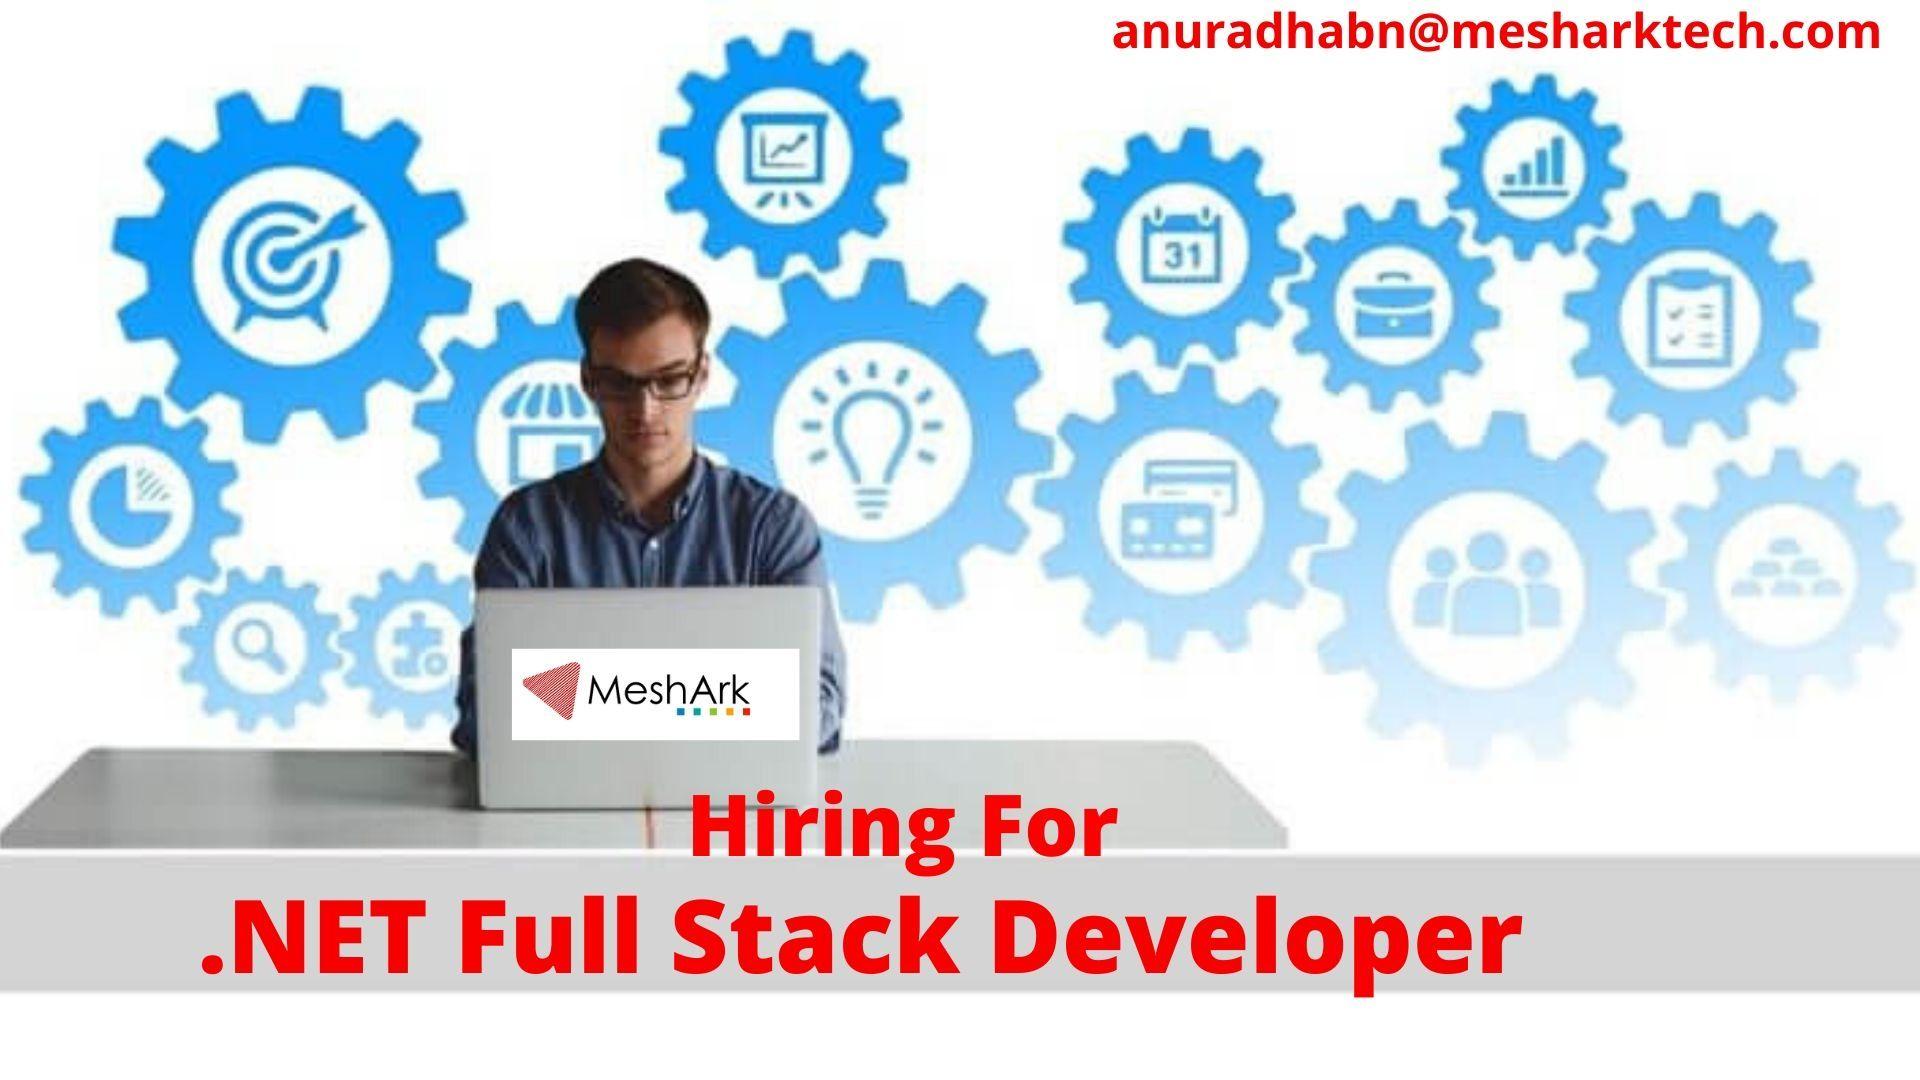 Hiring For Net Full Stack Developer Meshark Software Technology Pvt Ltd Life Insurance Policy Entrepreneur Online Business Opportunities